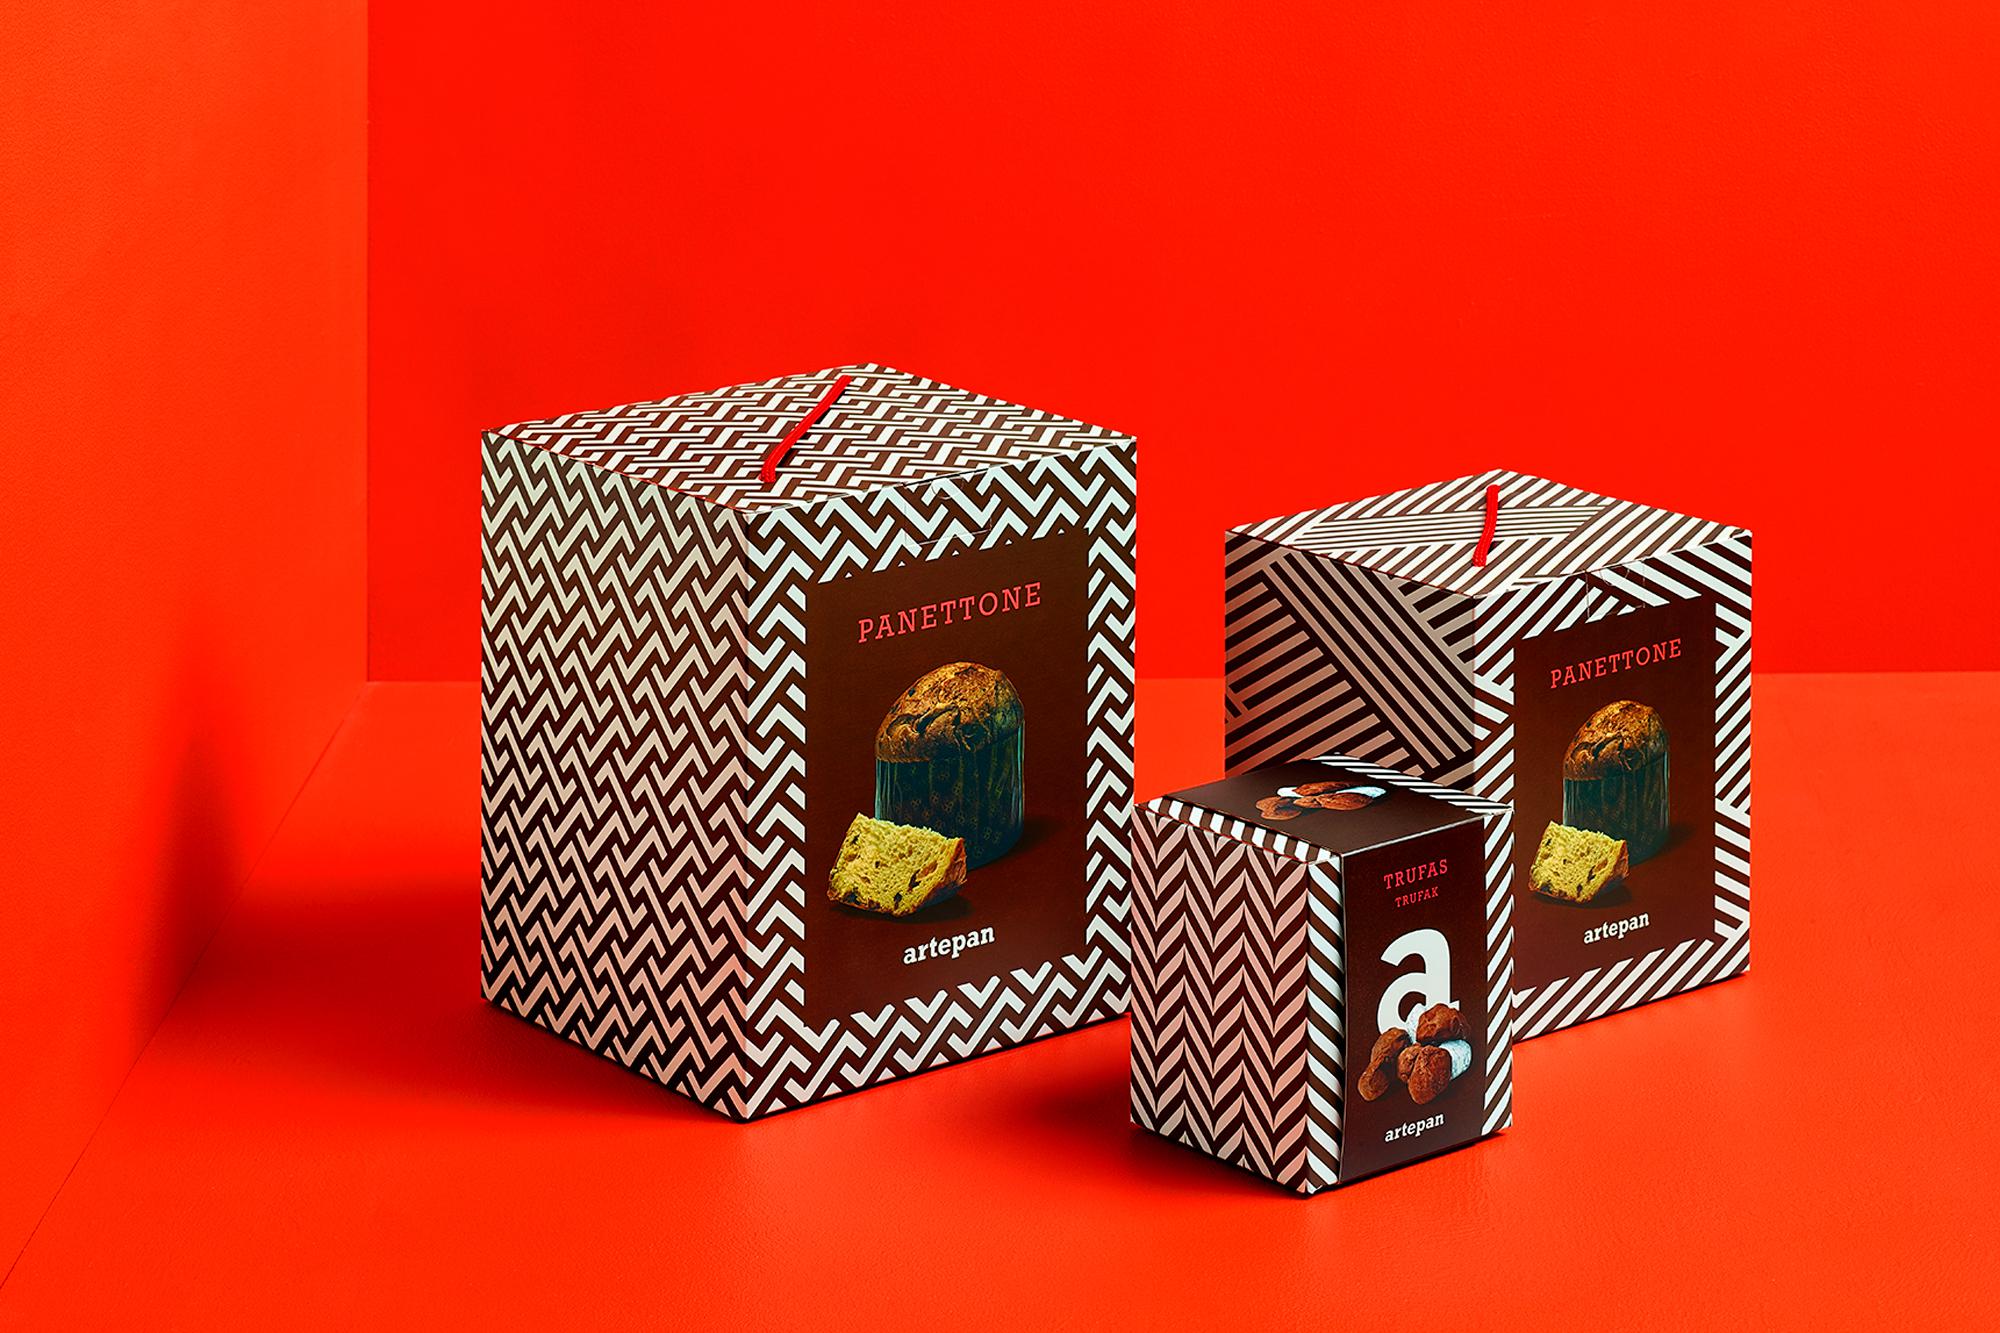 Artepan-packaging-8